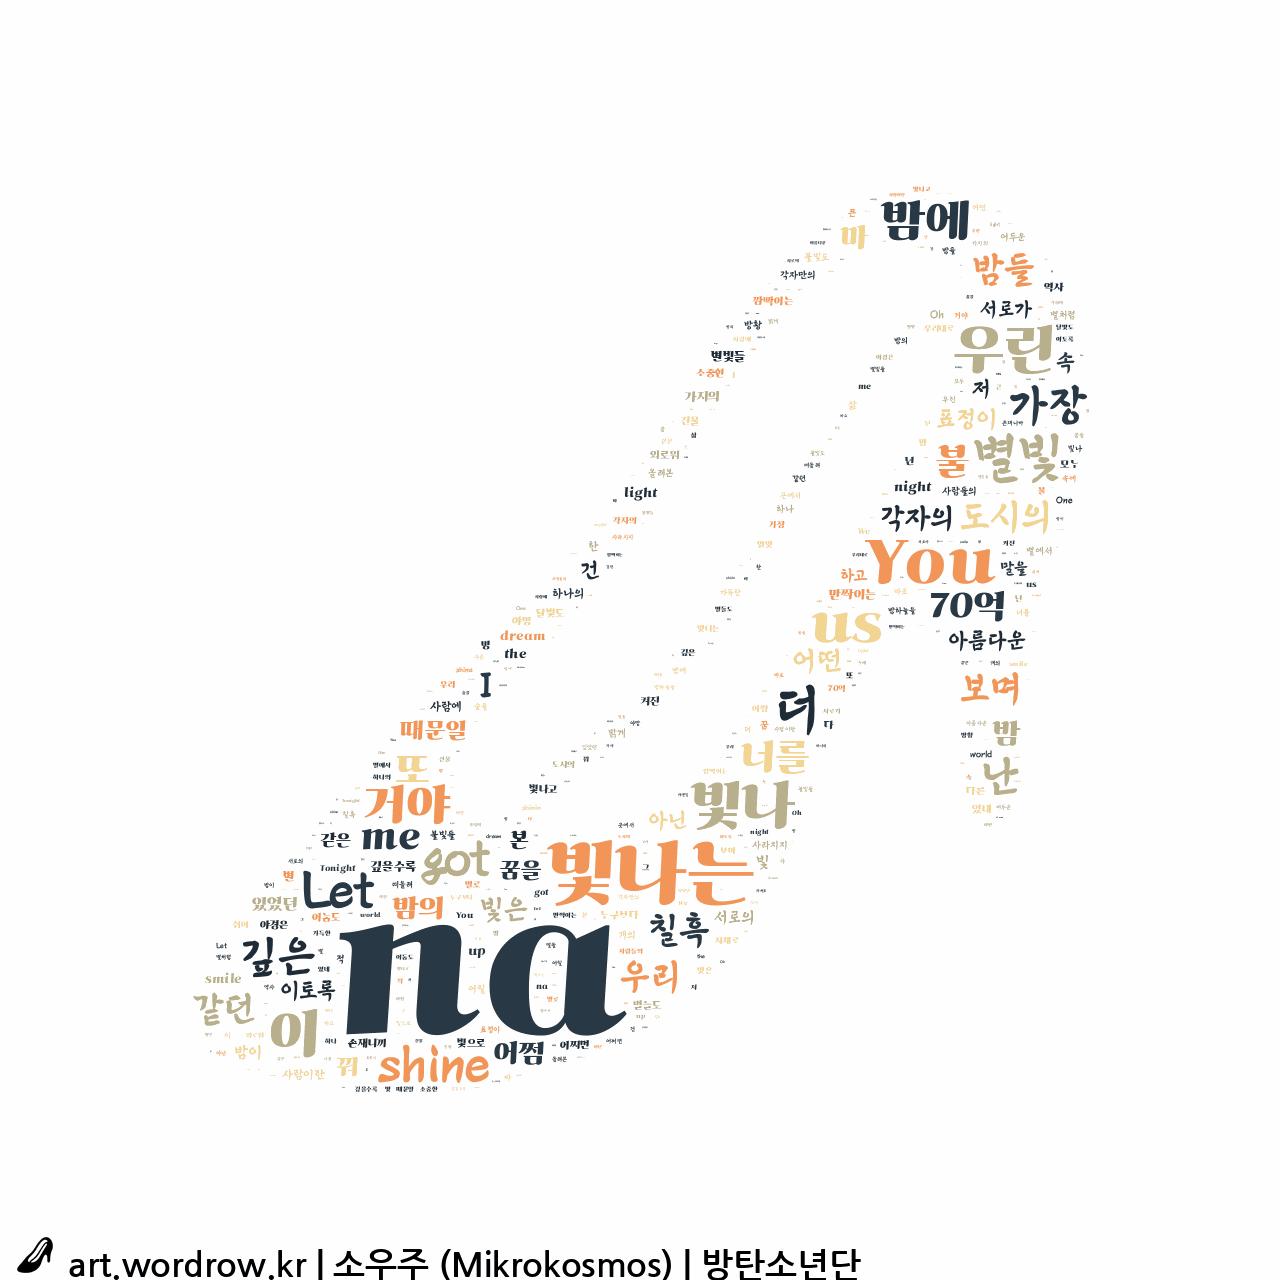 워드 아트: 소우주 (Mikrokosmos) [방탄소년단]-74